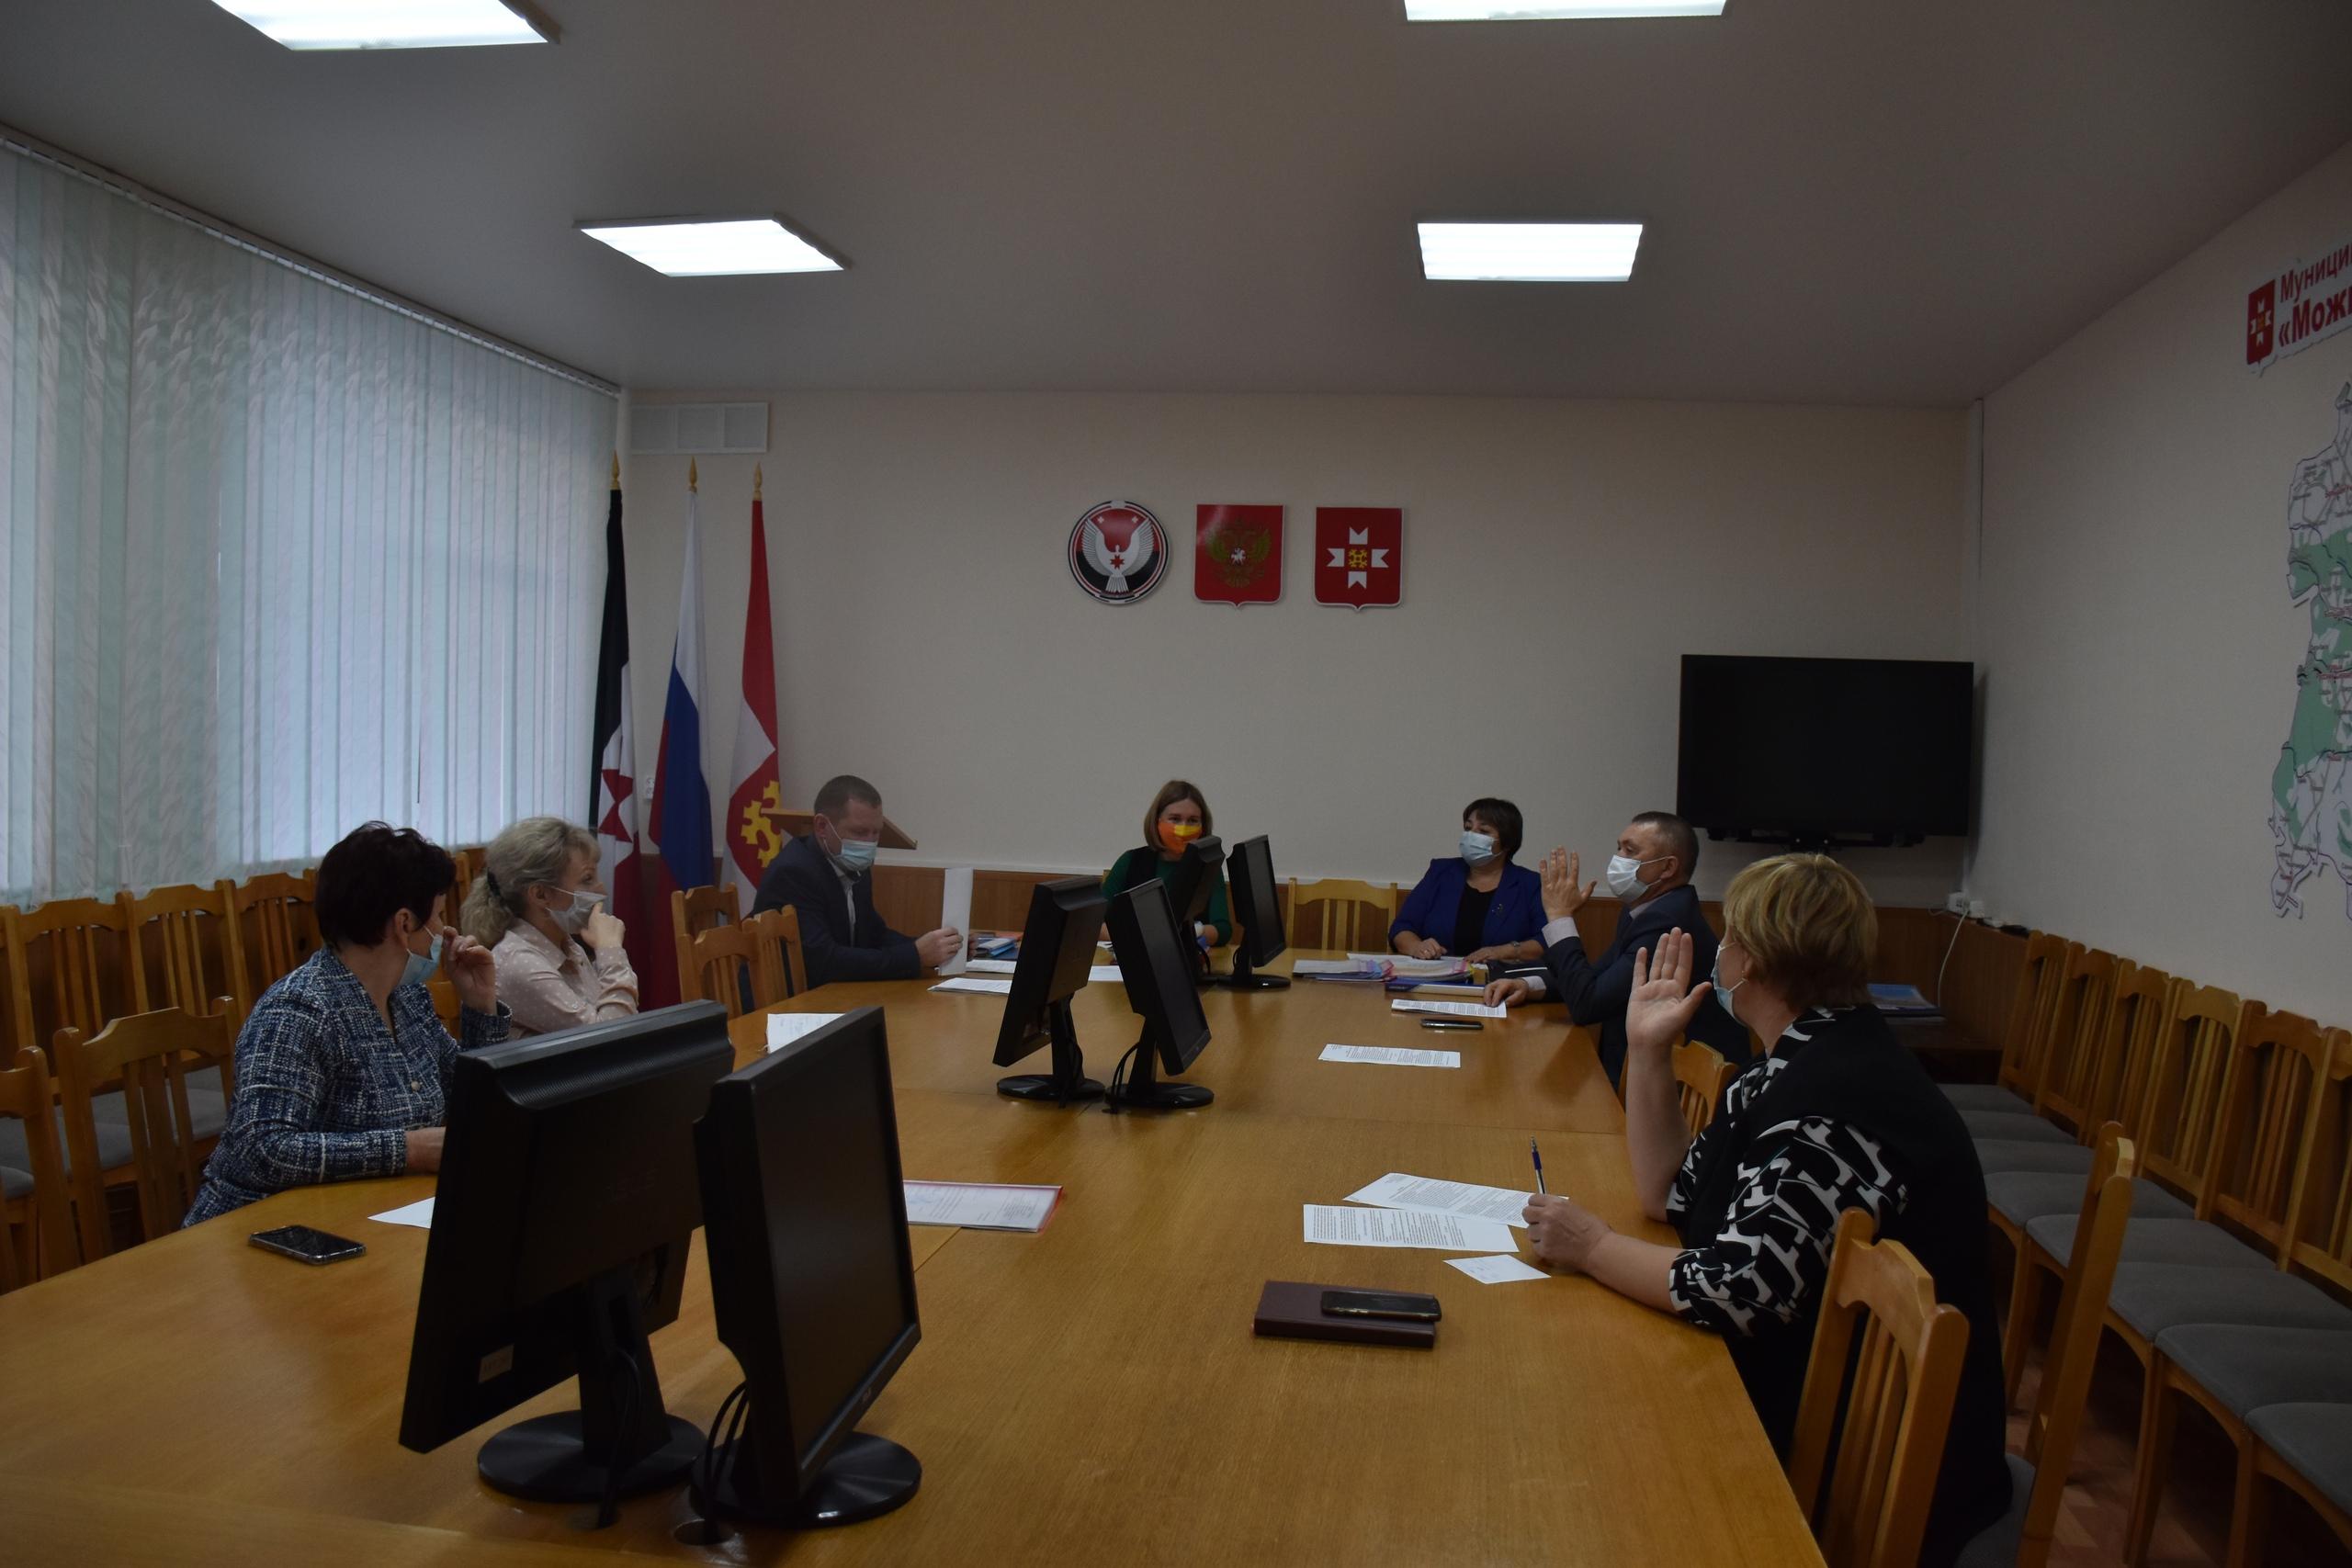 В Администрации состоялось заседание комиссии по присуждению молодежных премий в МО